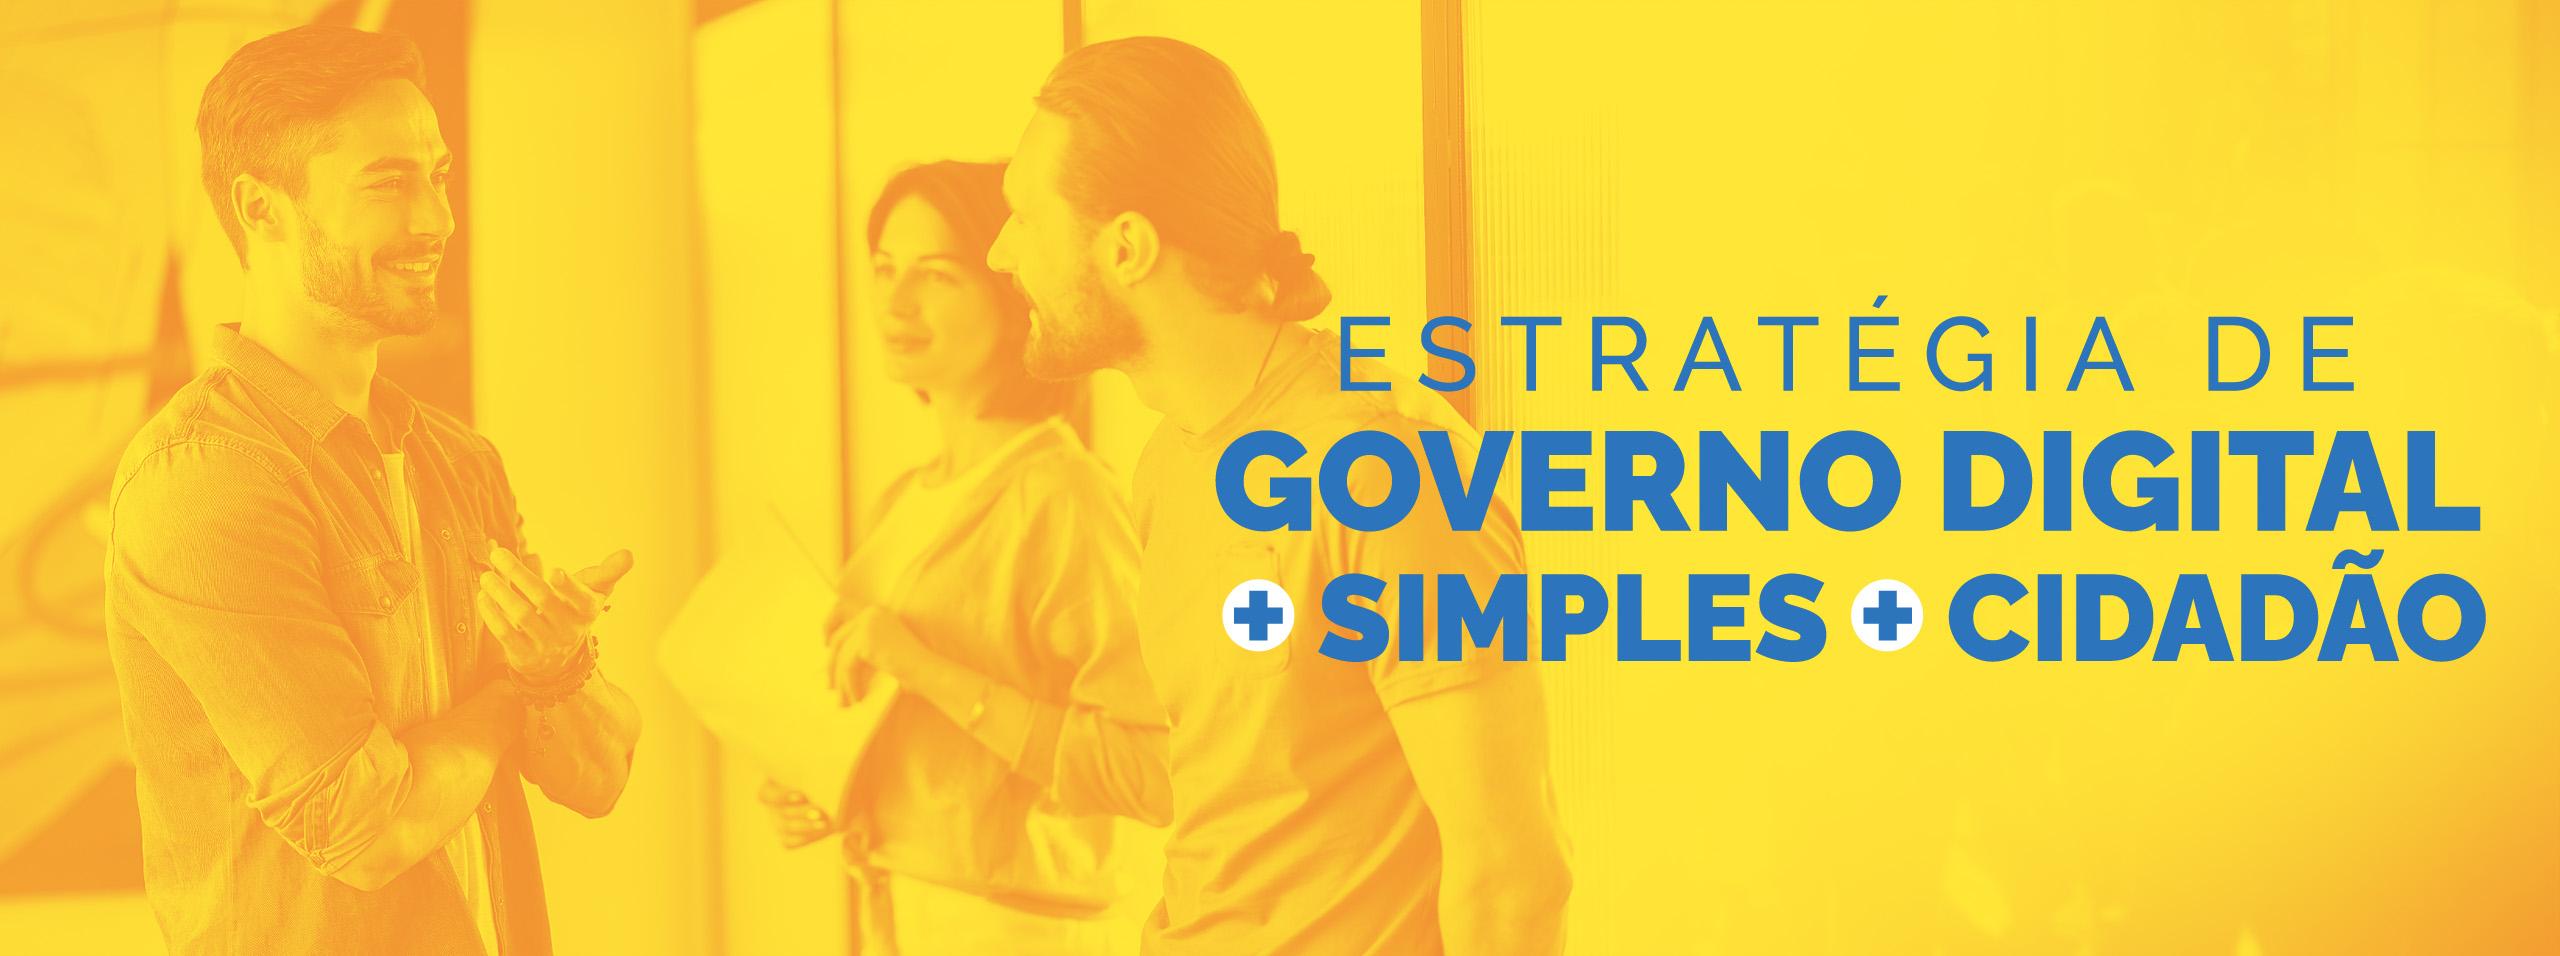 Banner Estratégia de Governo Digital 2020-2022